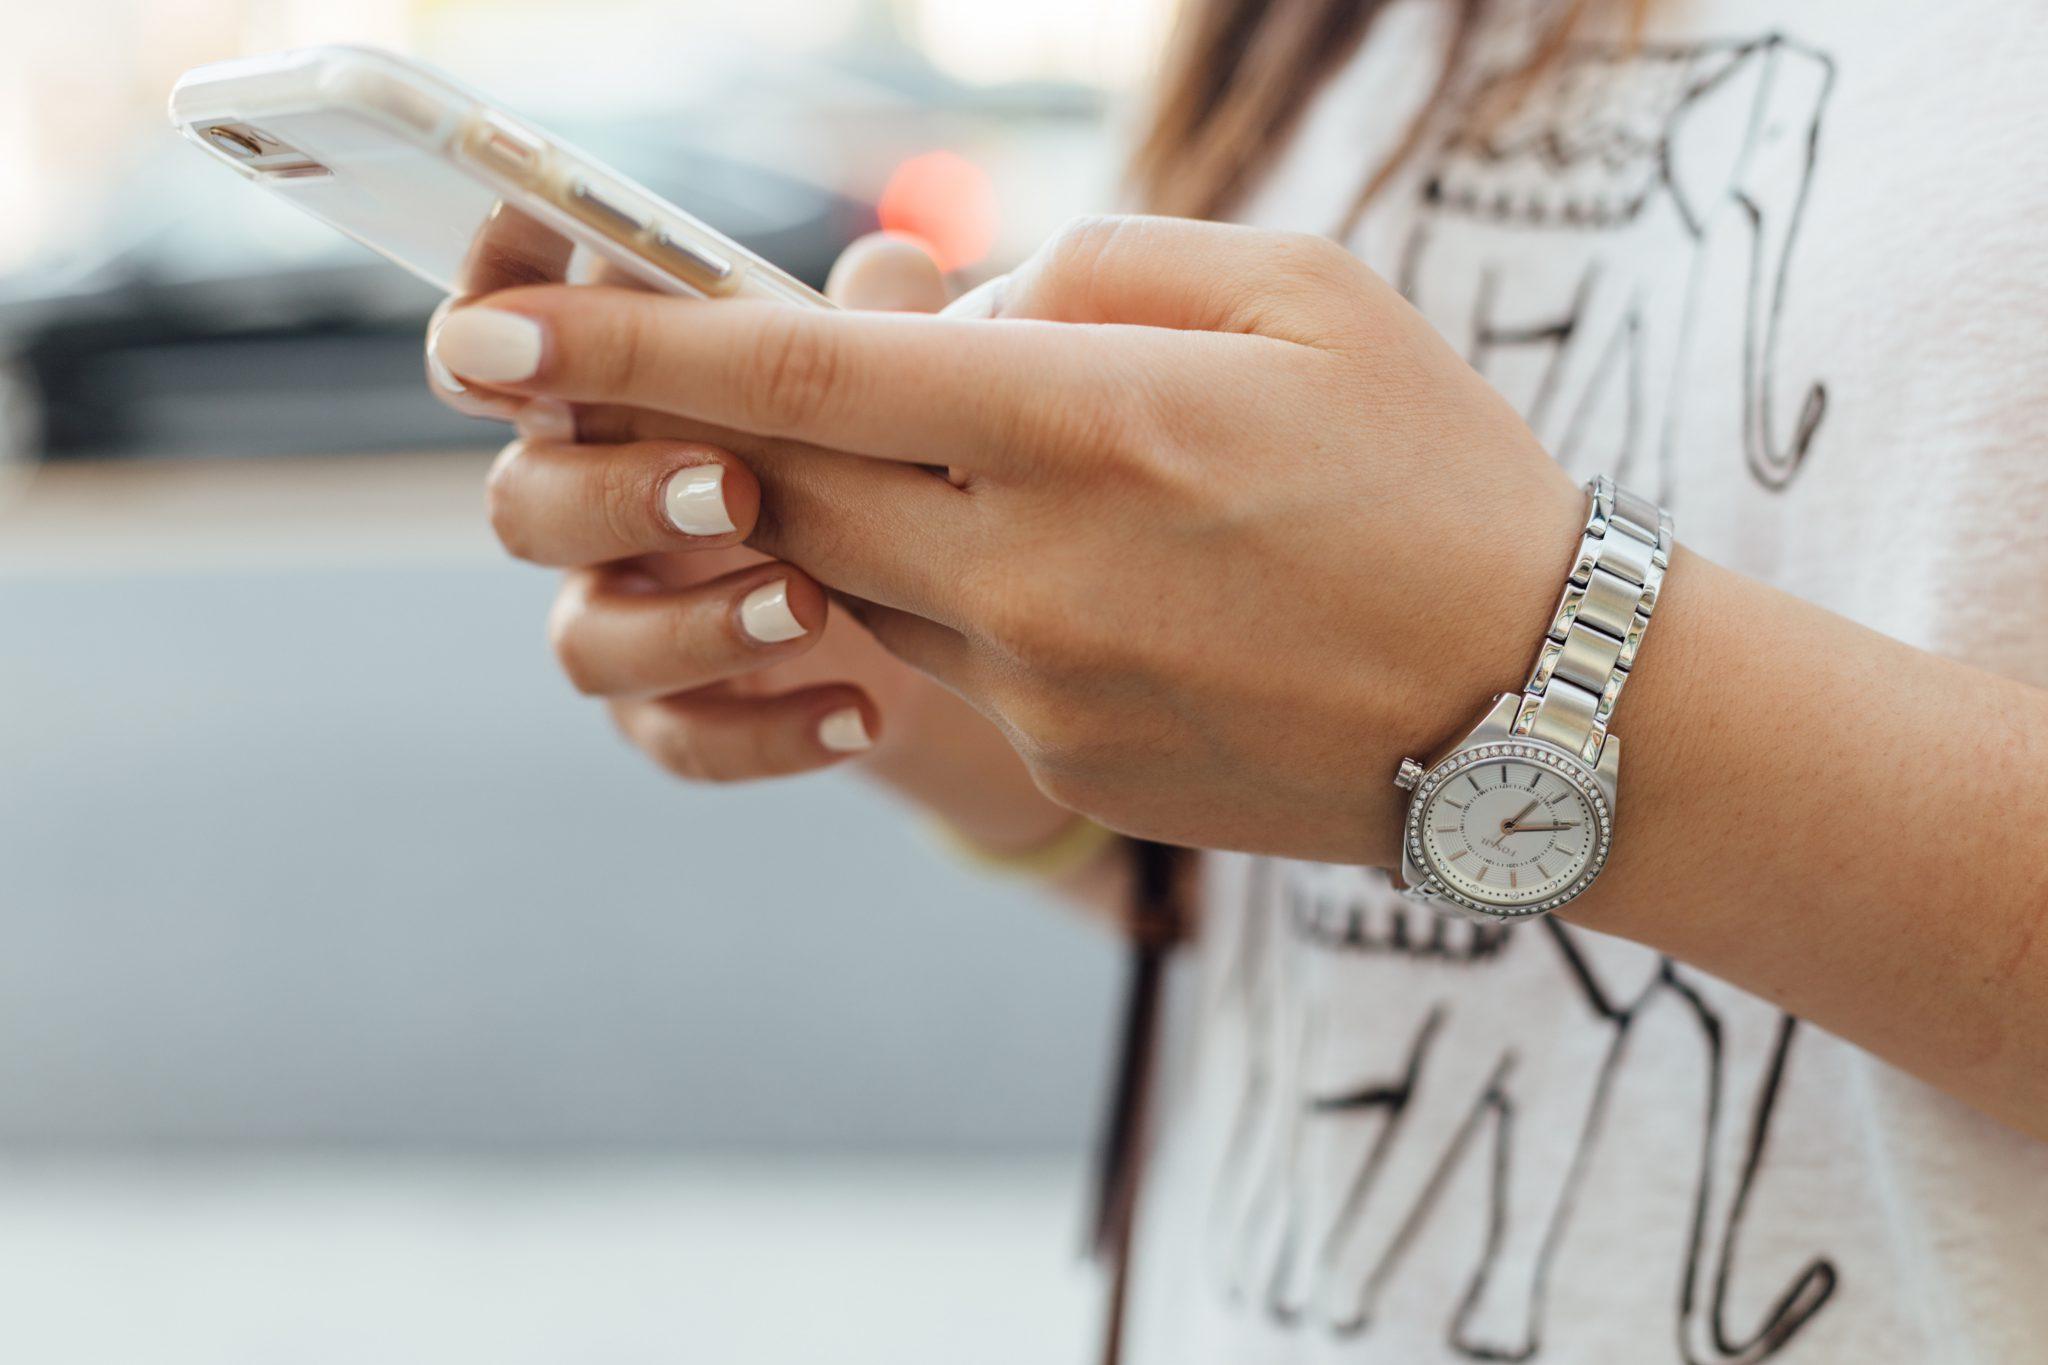 動画広告統計 – 継続するモバイル動画視聴の増加